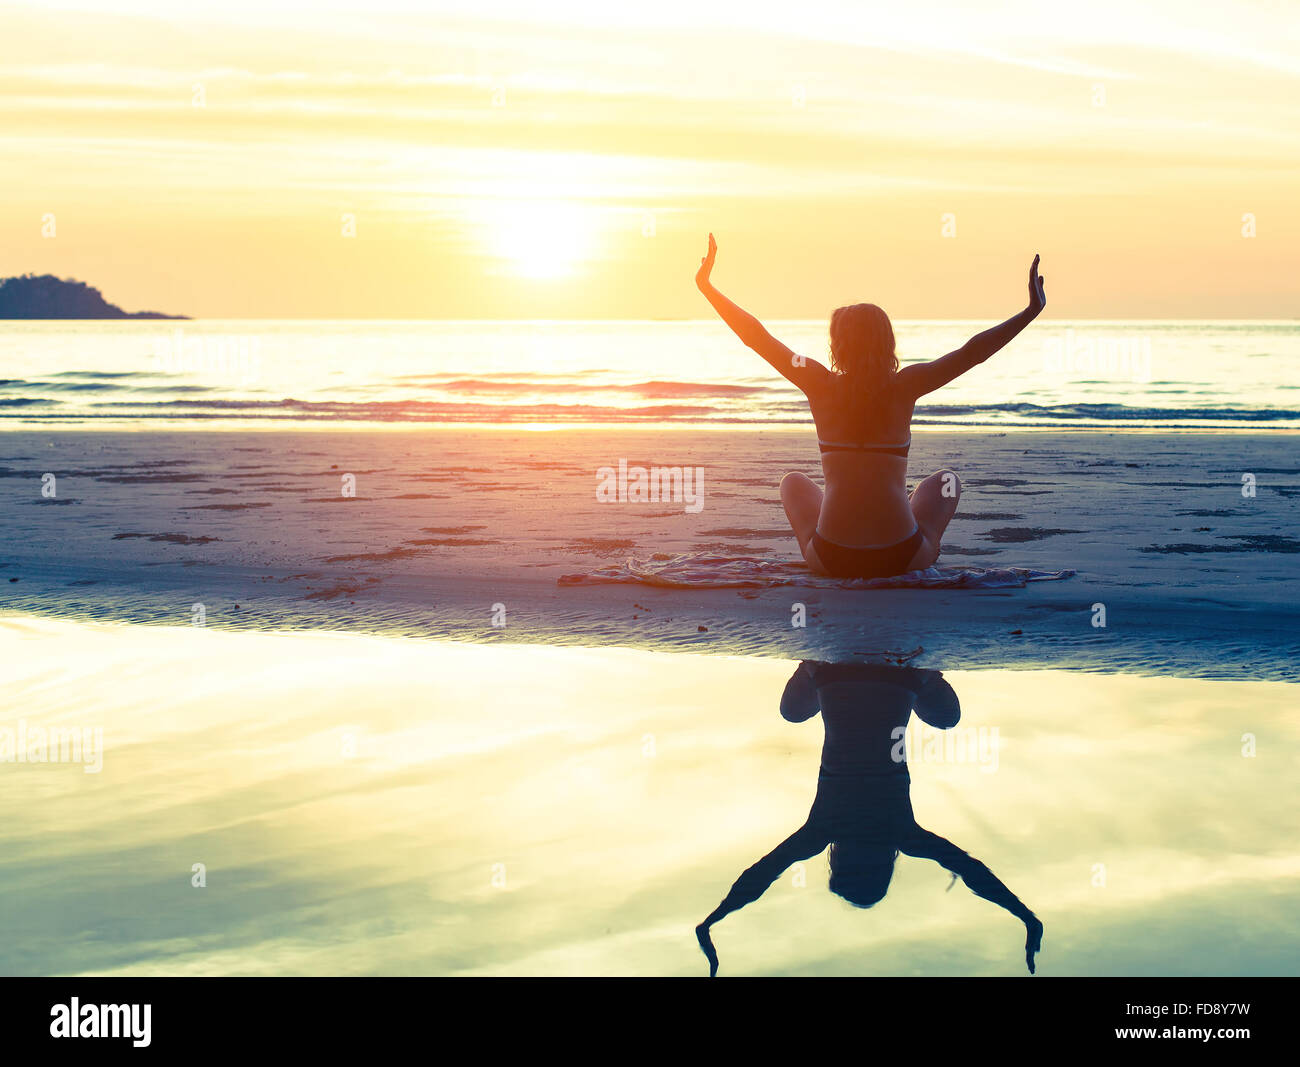 Silhouette de la femme assise sur la plage pendant le coucher du soleil, incroyable avec reflet dans l'eau. Photo Stock